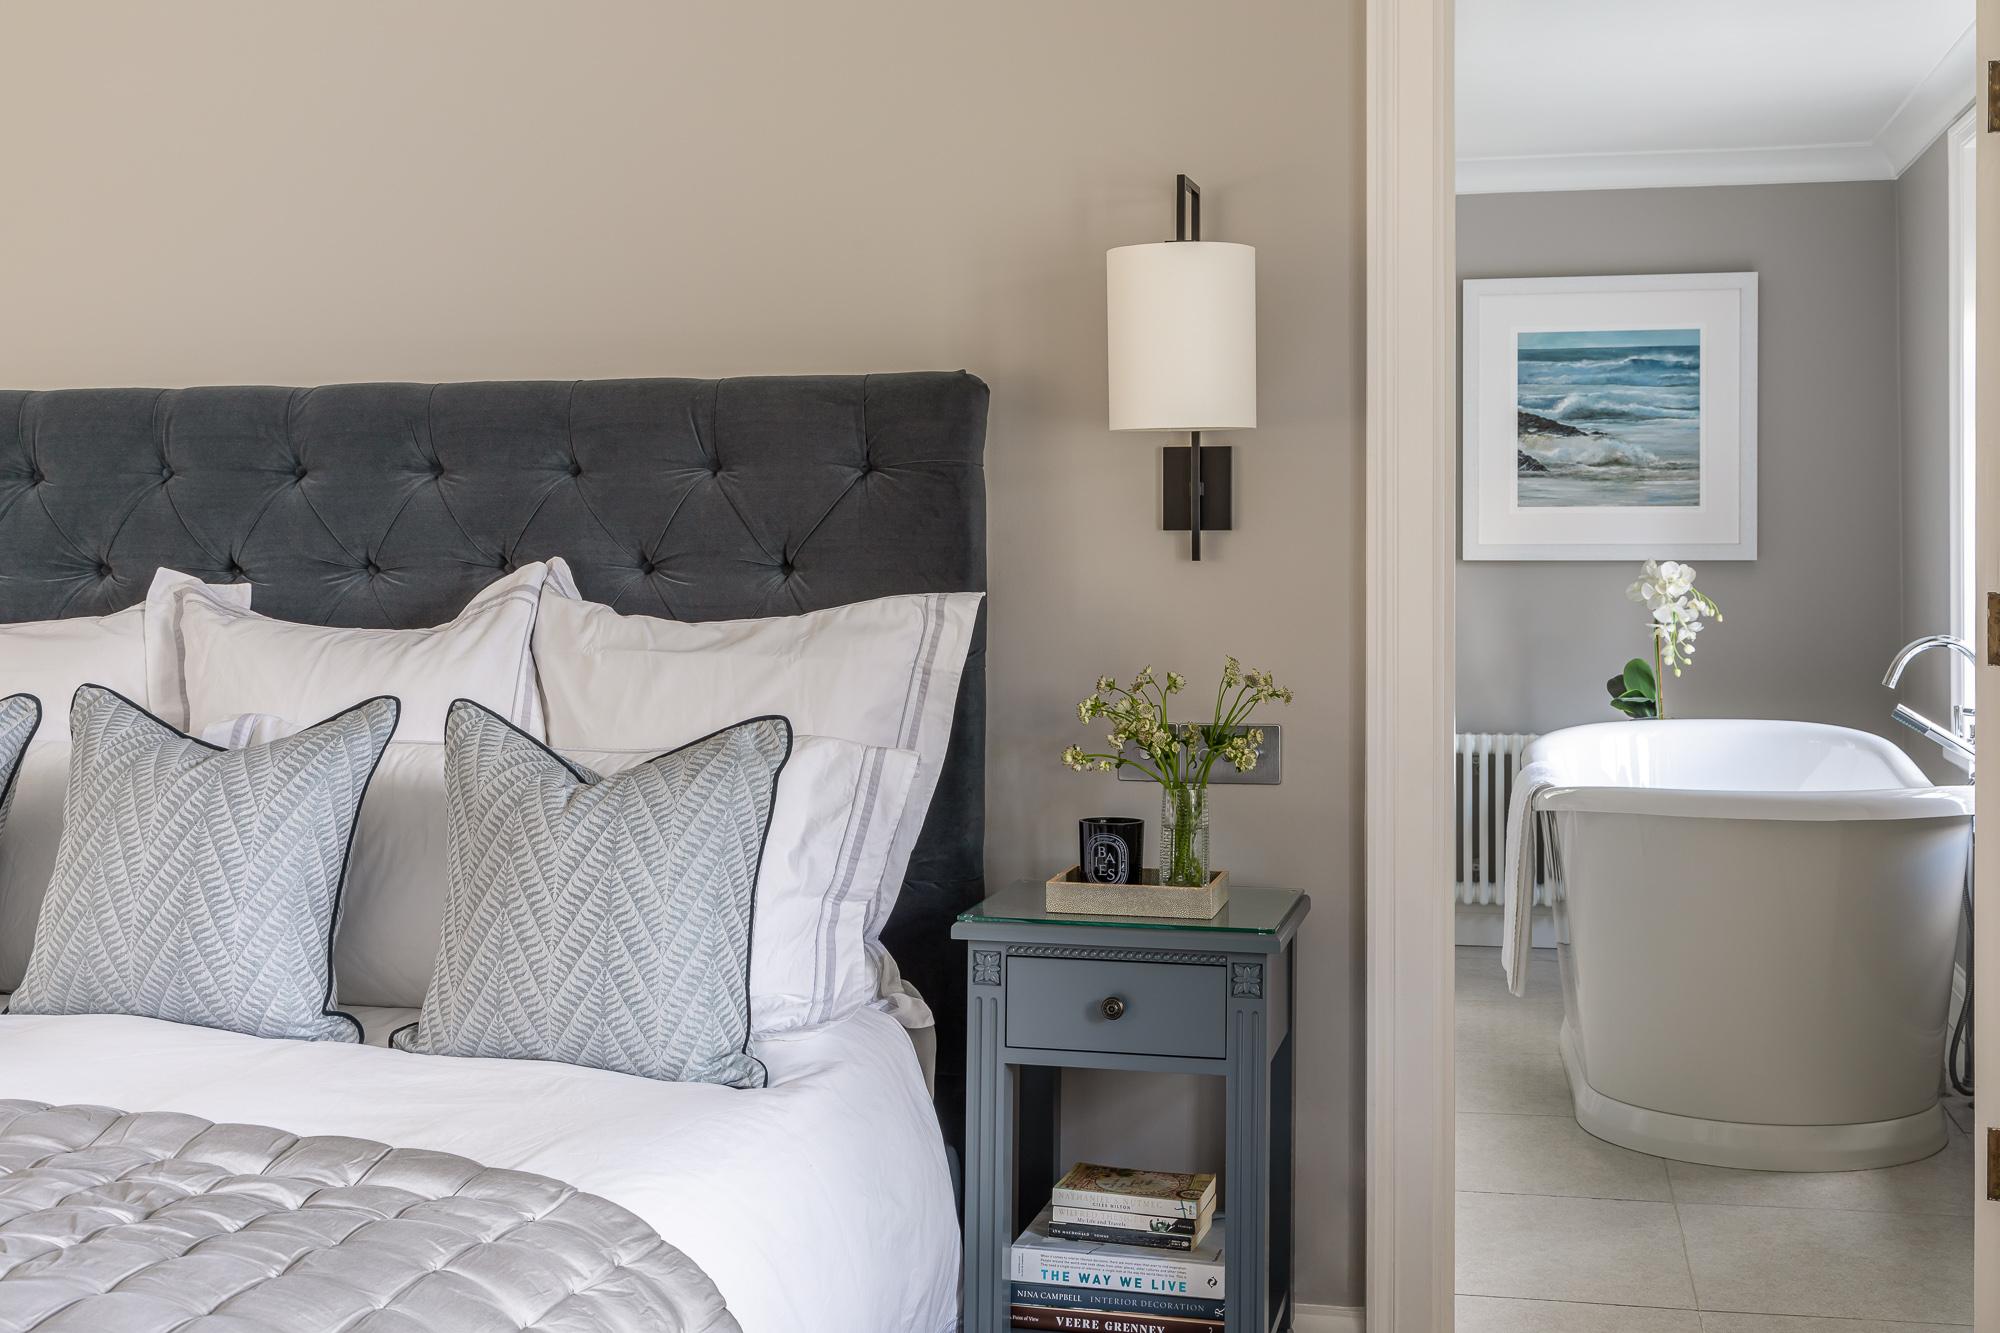 jonathan bond, interior photographer, view of en suite bathroom from bedroom, great missenden, buckinghamshire